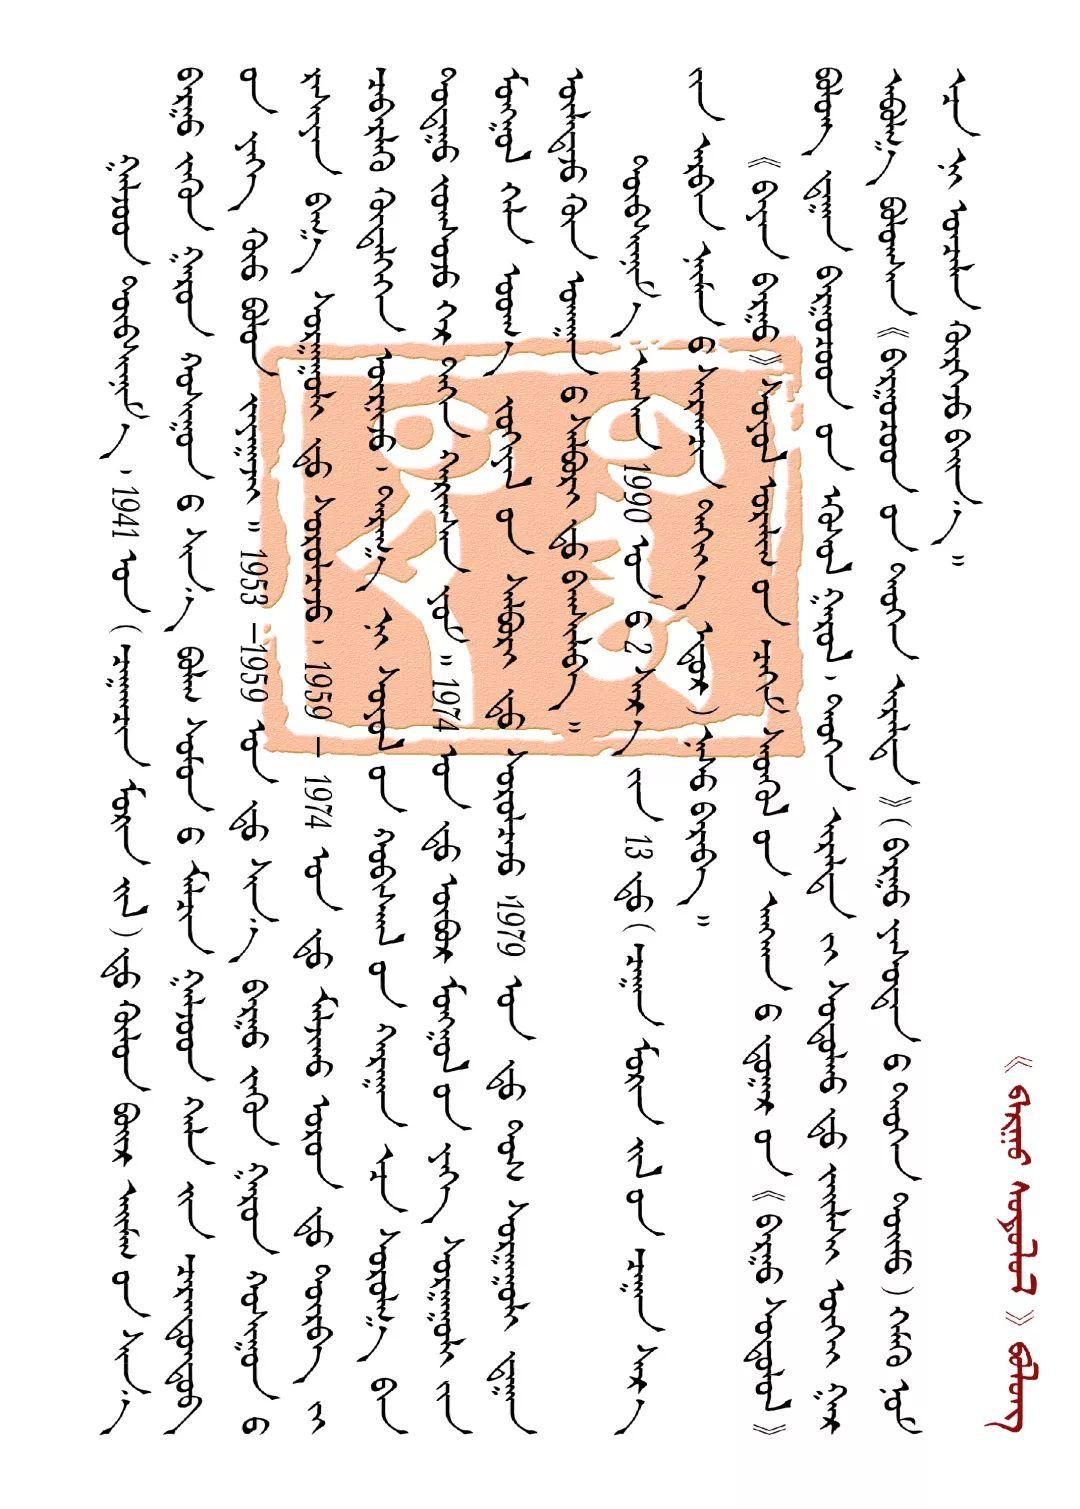 【第一期】巴尔虎部落的历史由来(一) 第2张 【第一期】巴尔虎部落的历史由来(一) 蒙古文化